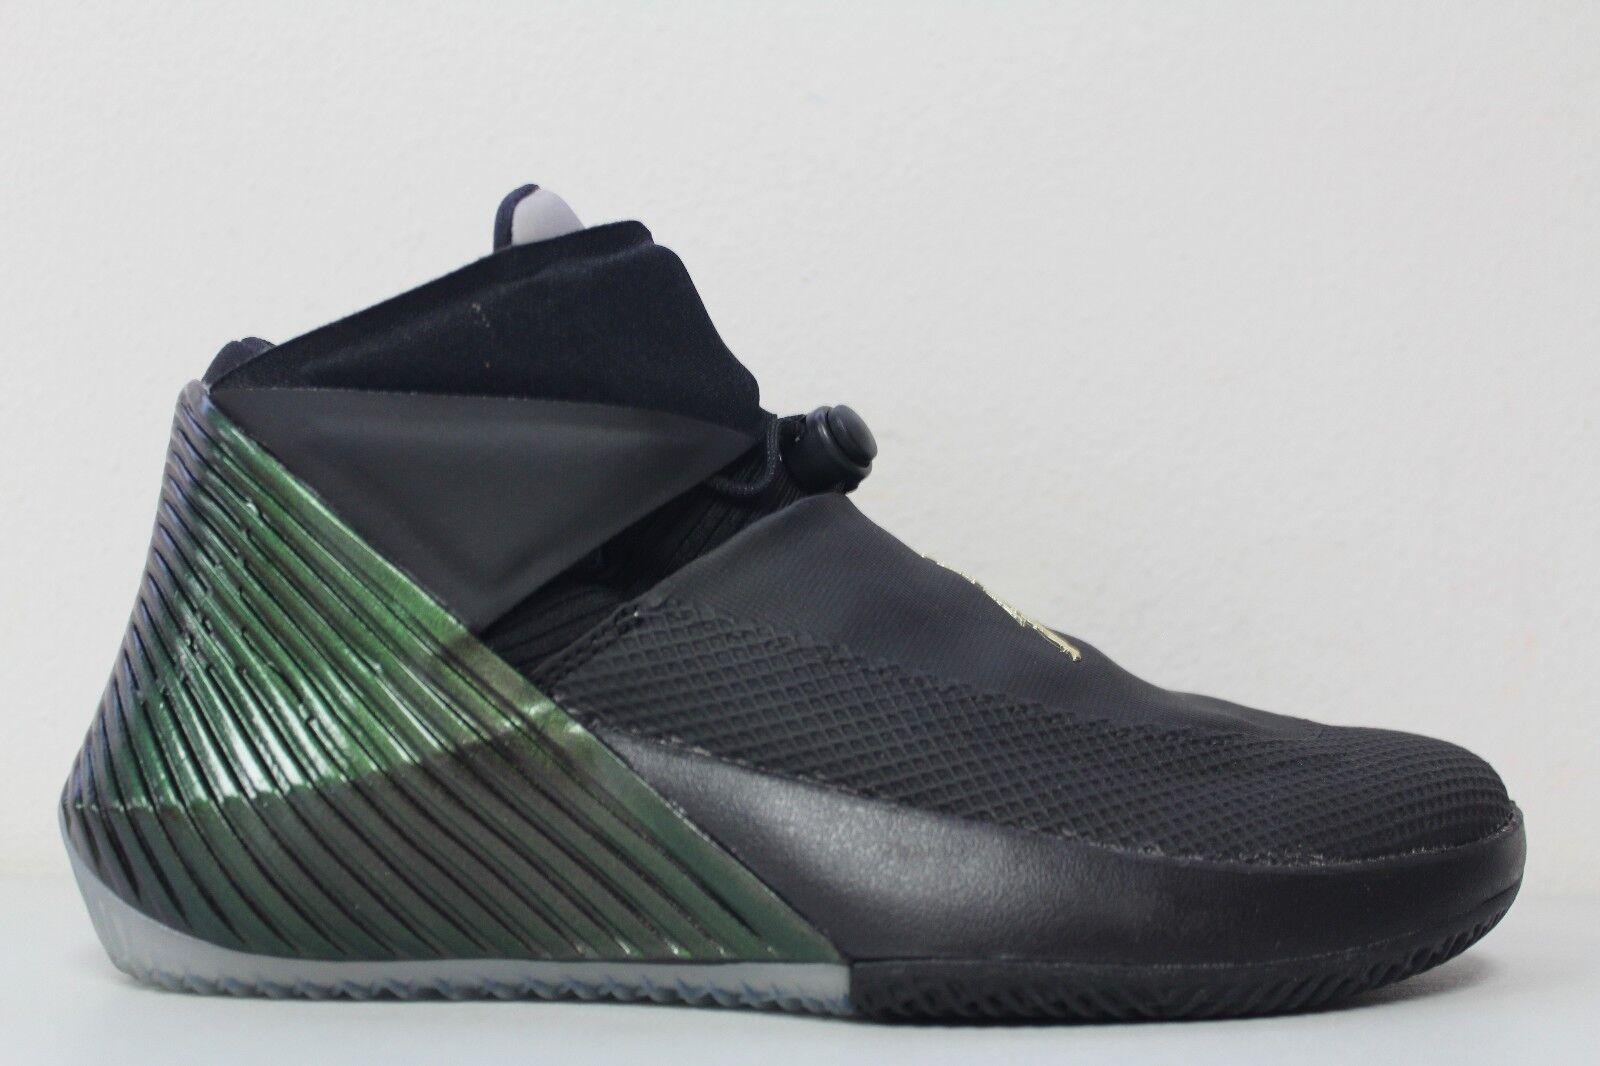 Nike air jordan, perche 'non gli uomini sz 9 blk aa2510-011 verde iridescente campione